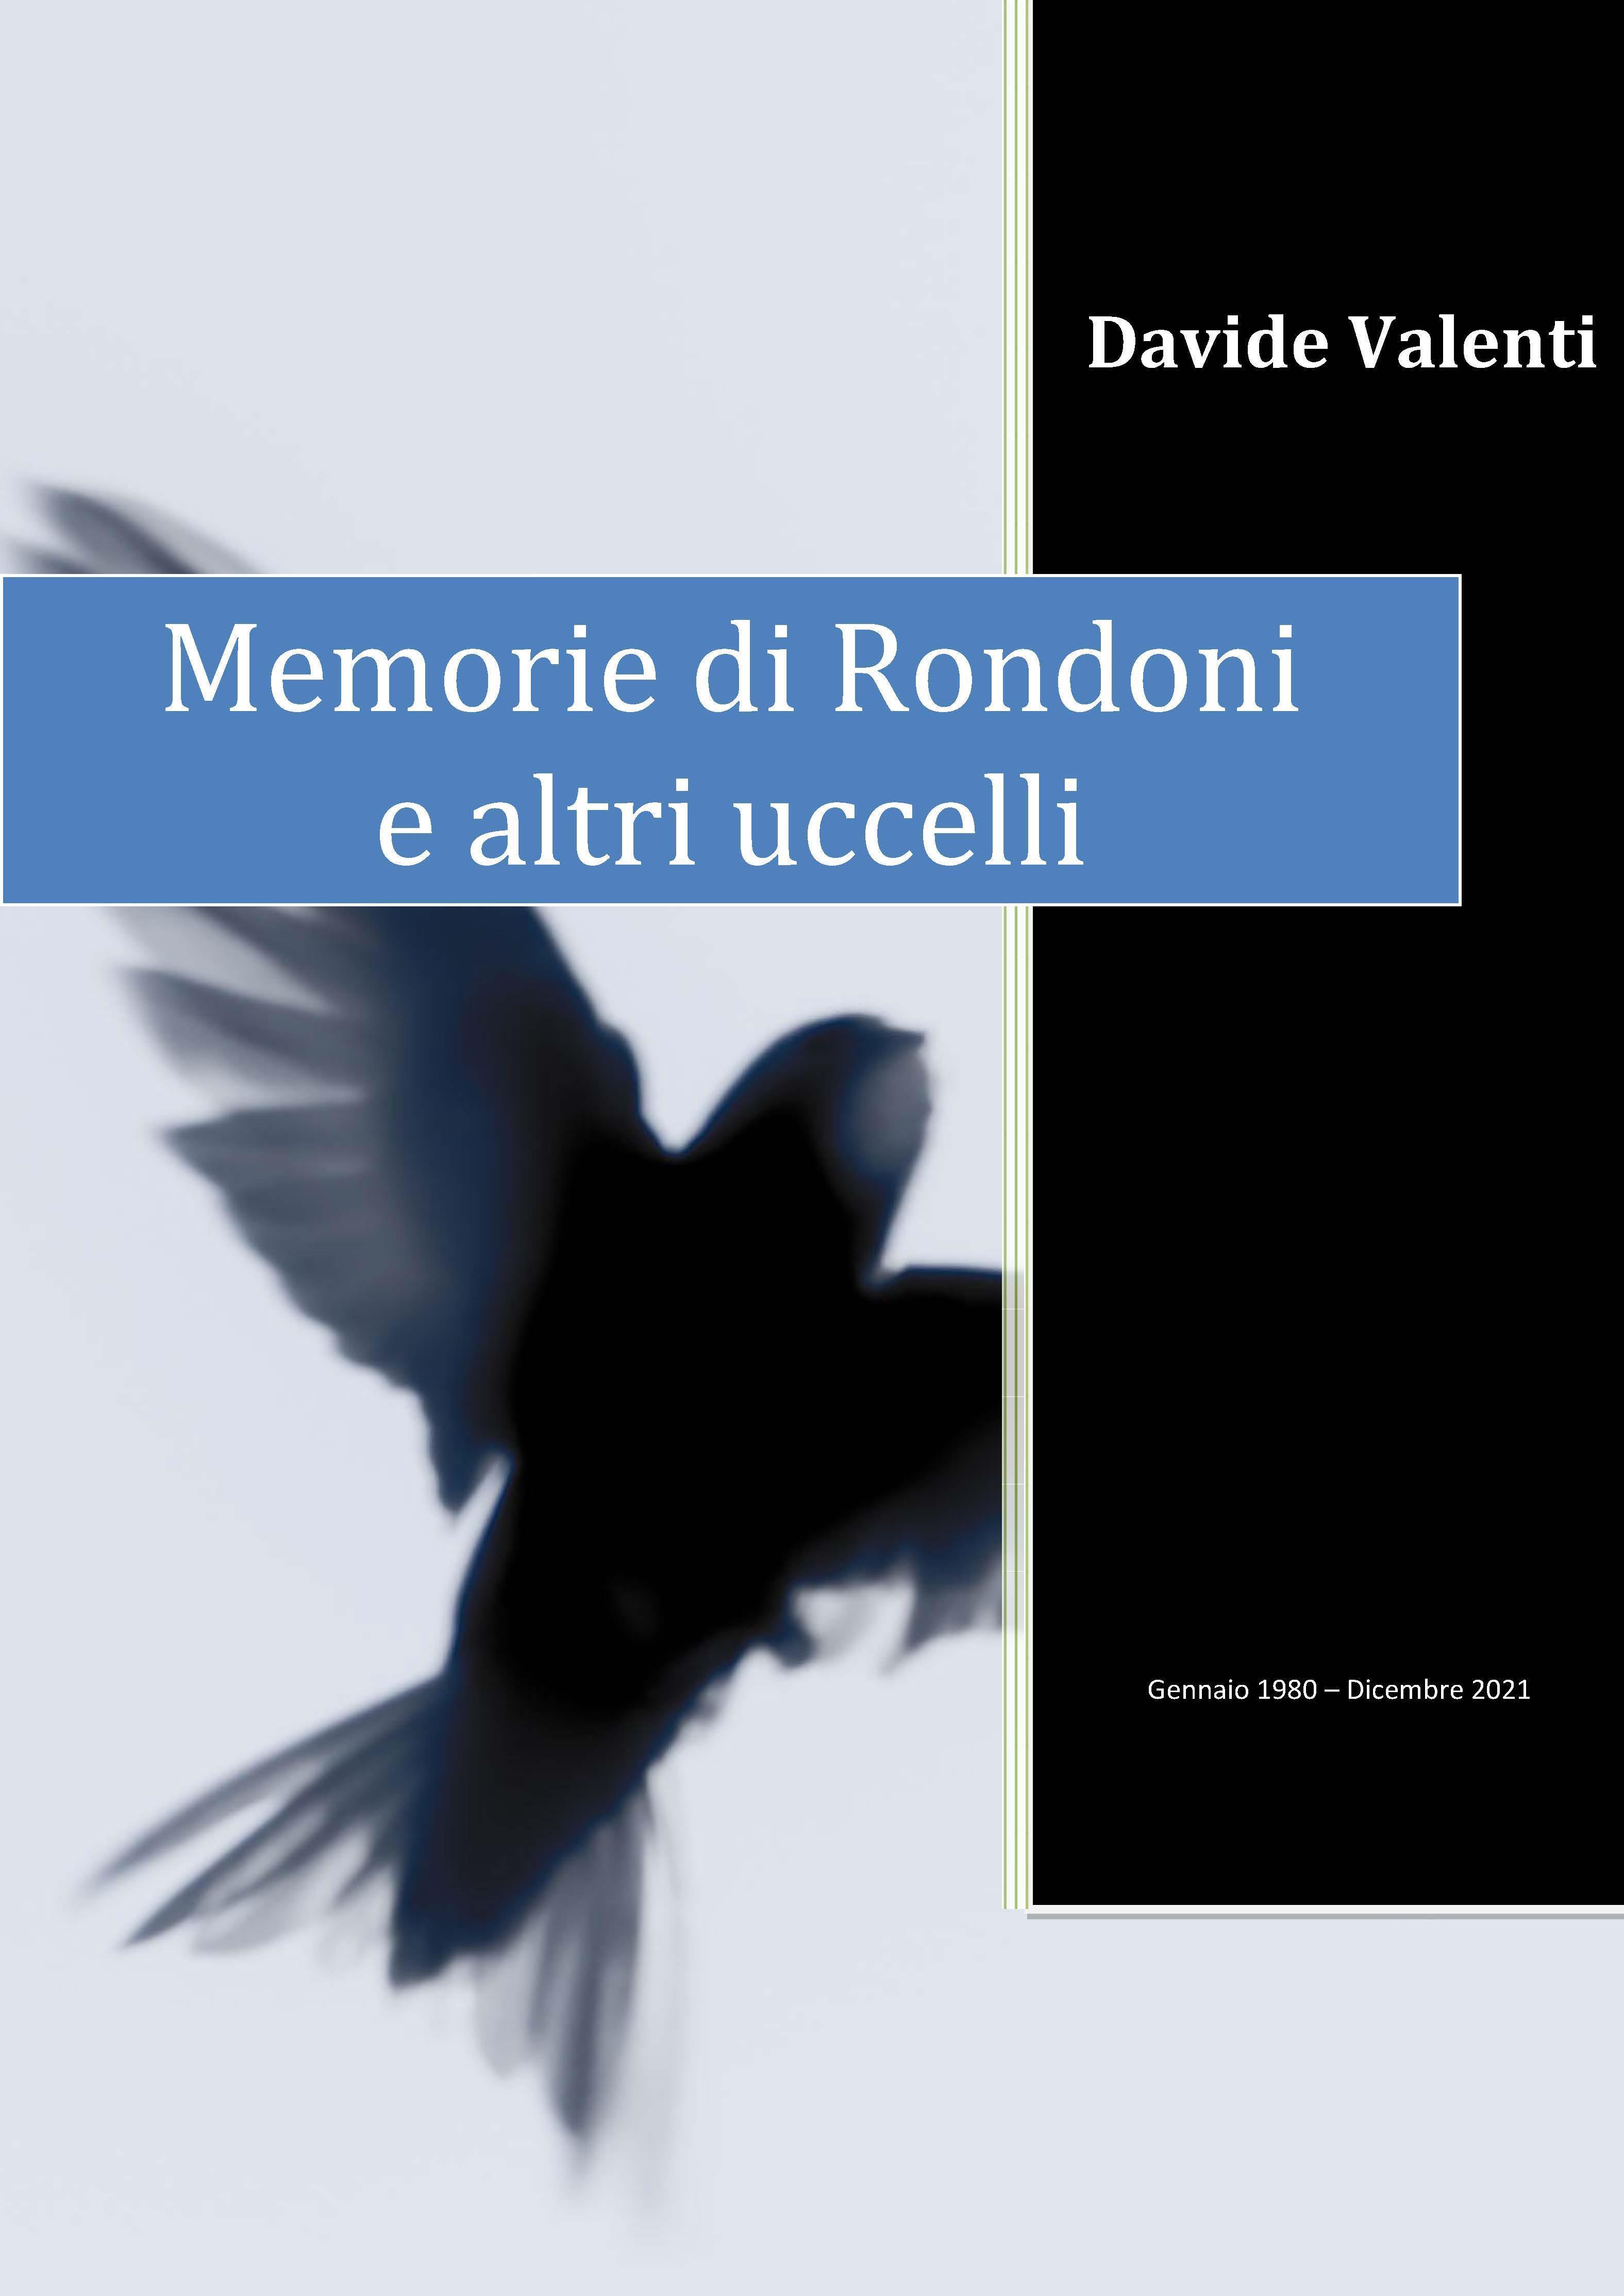 Memorie di Rondoni e altri uccelli (di Civitavecchia e dintorni)